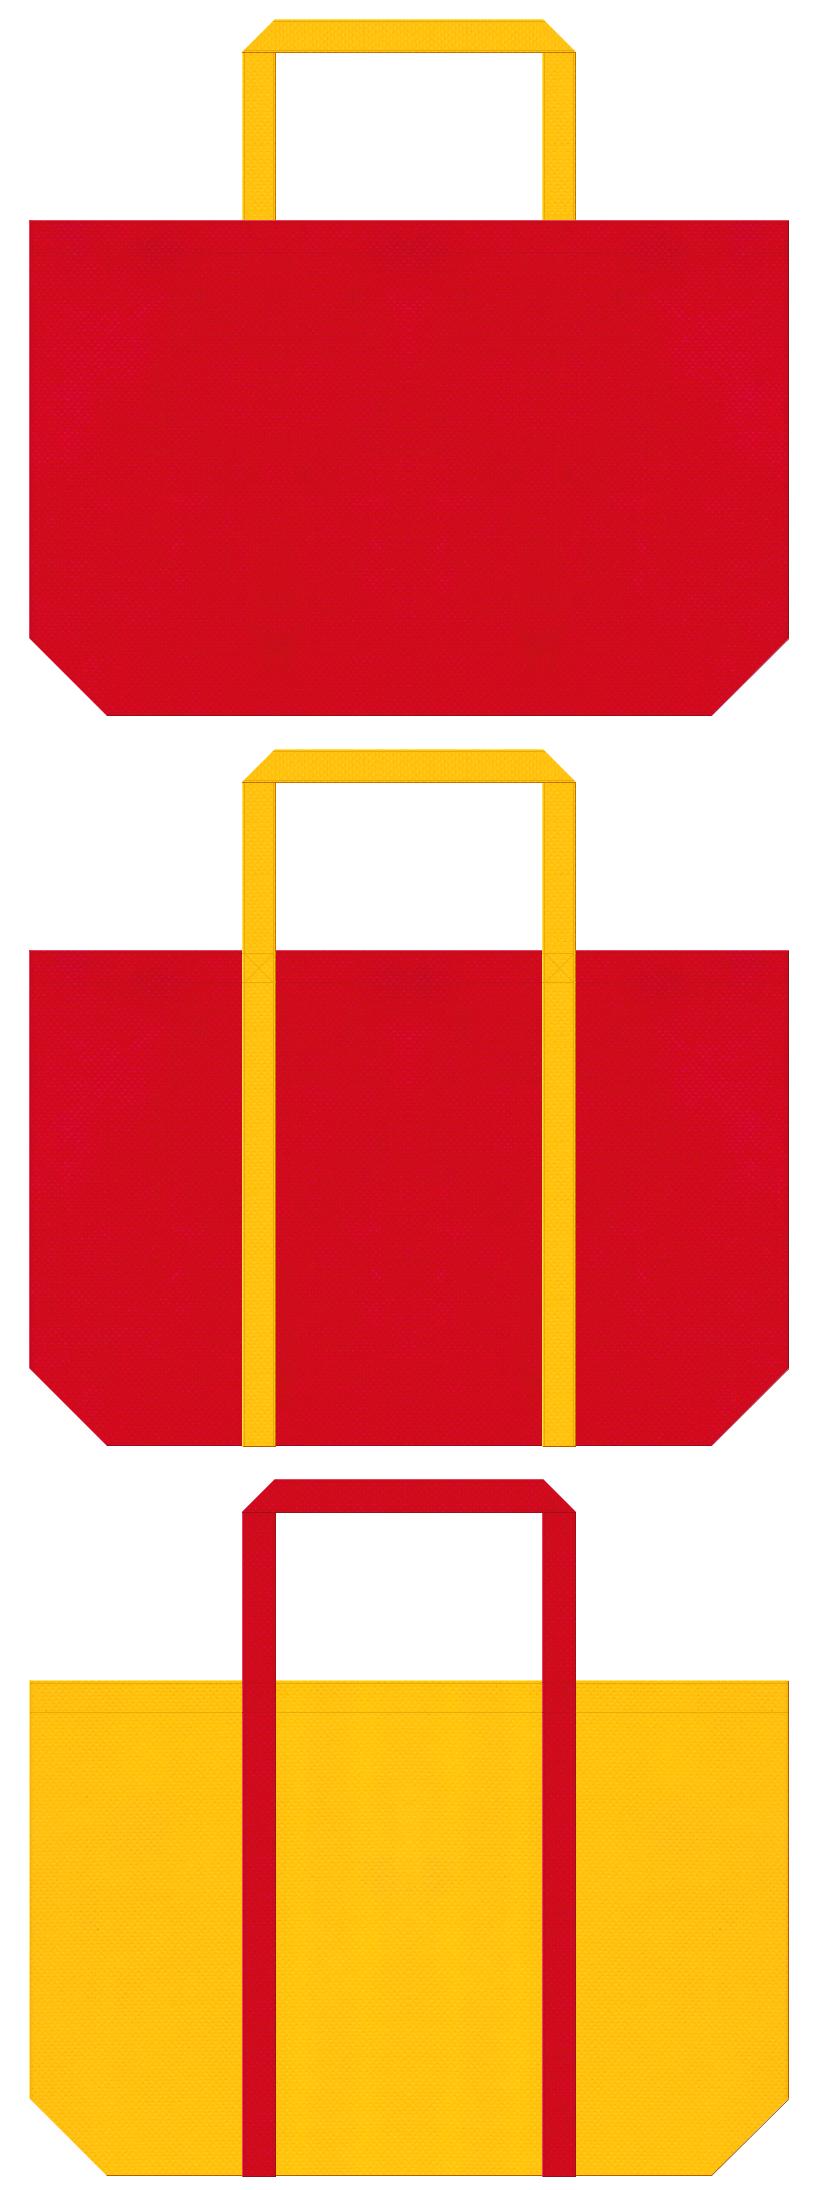 琉球舞踊・テーマパーク・キッズイベント・おもちゃの福袋にお奨めの不織布バッグデザイン:紅色と黄色のコーデ